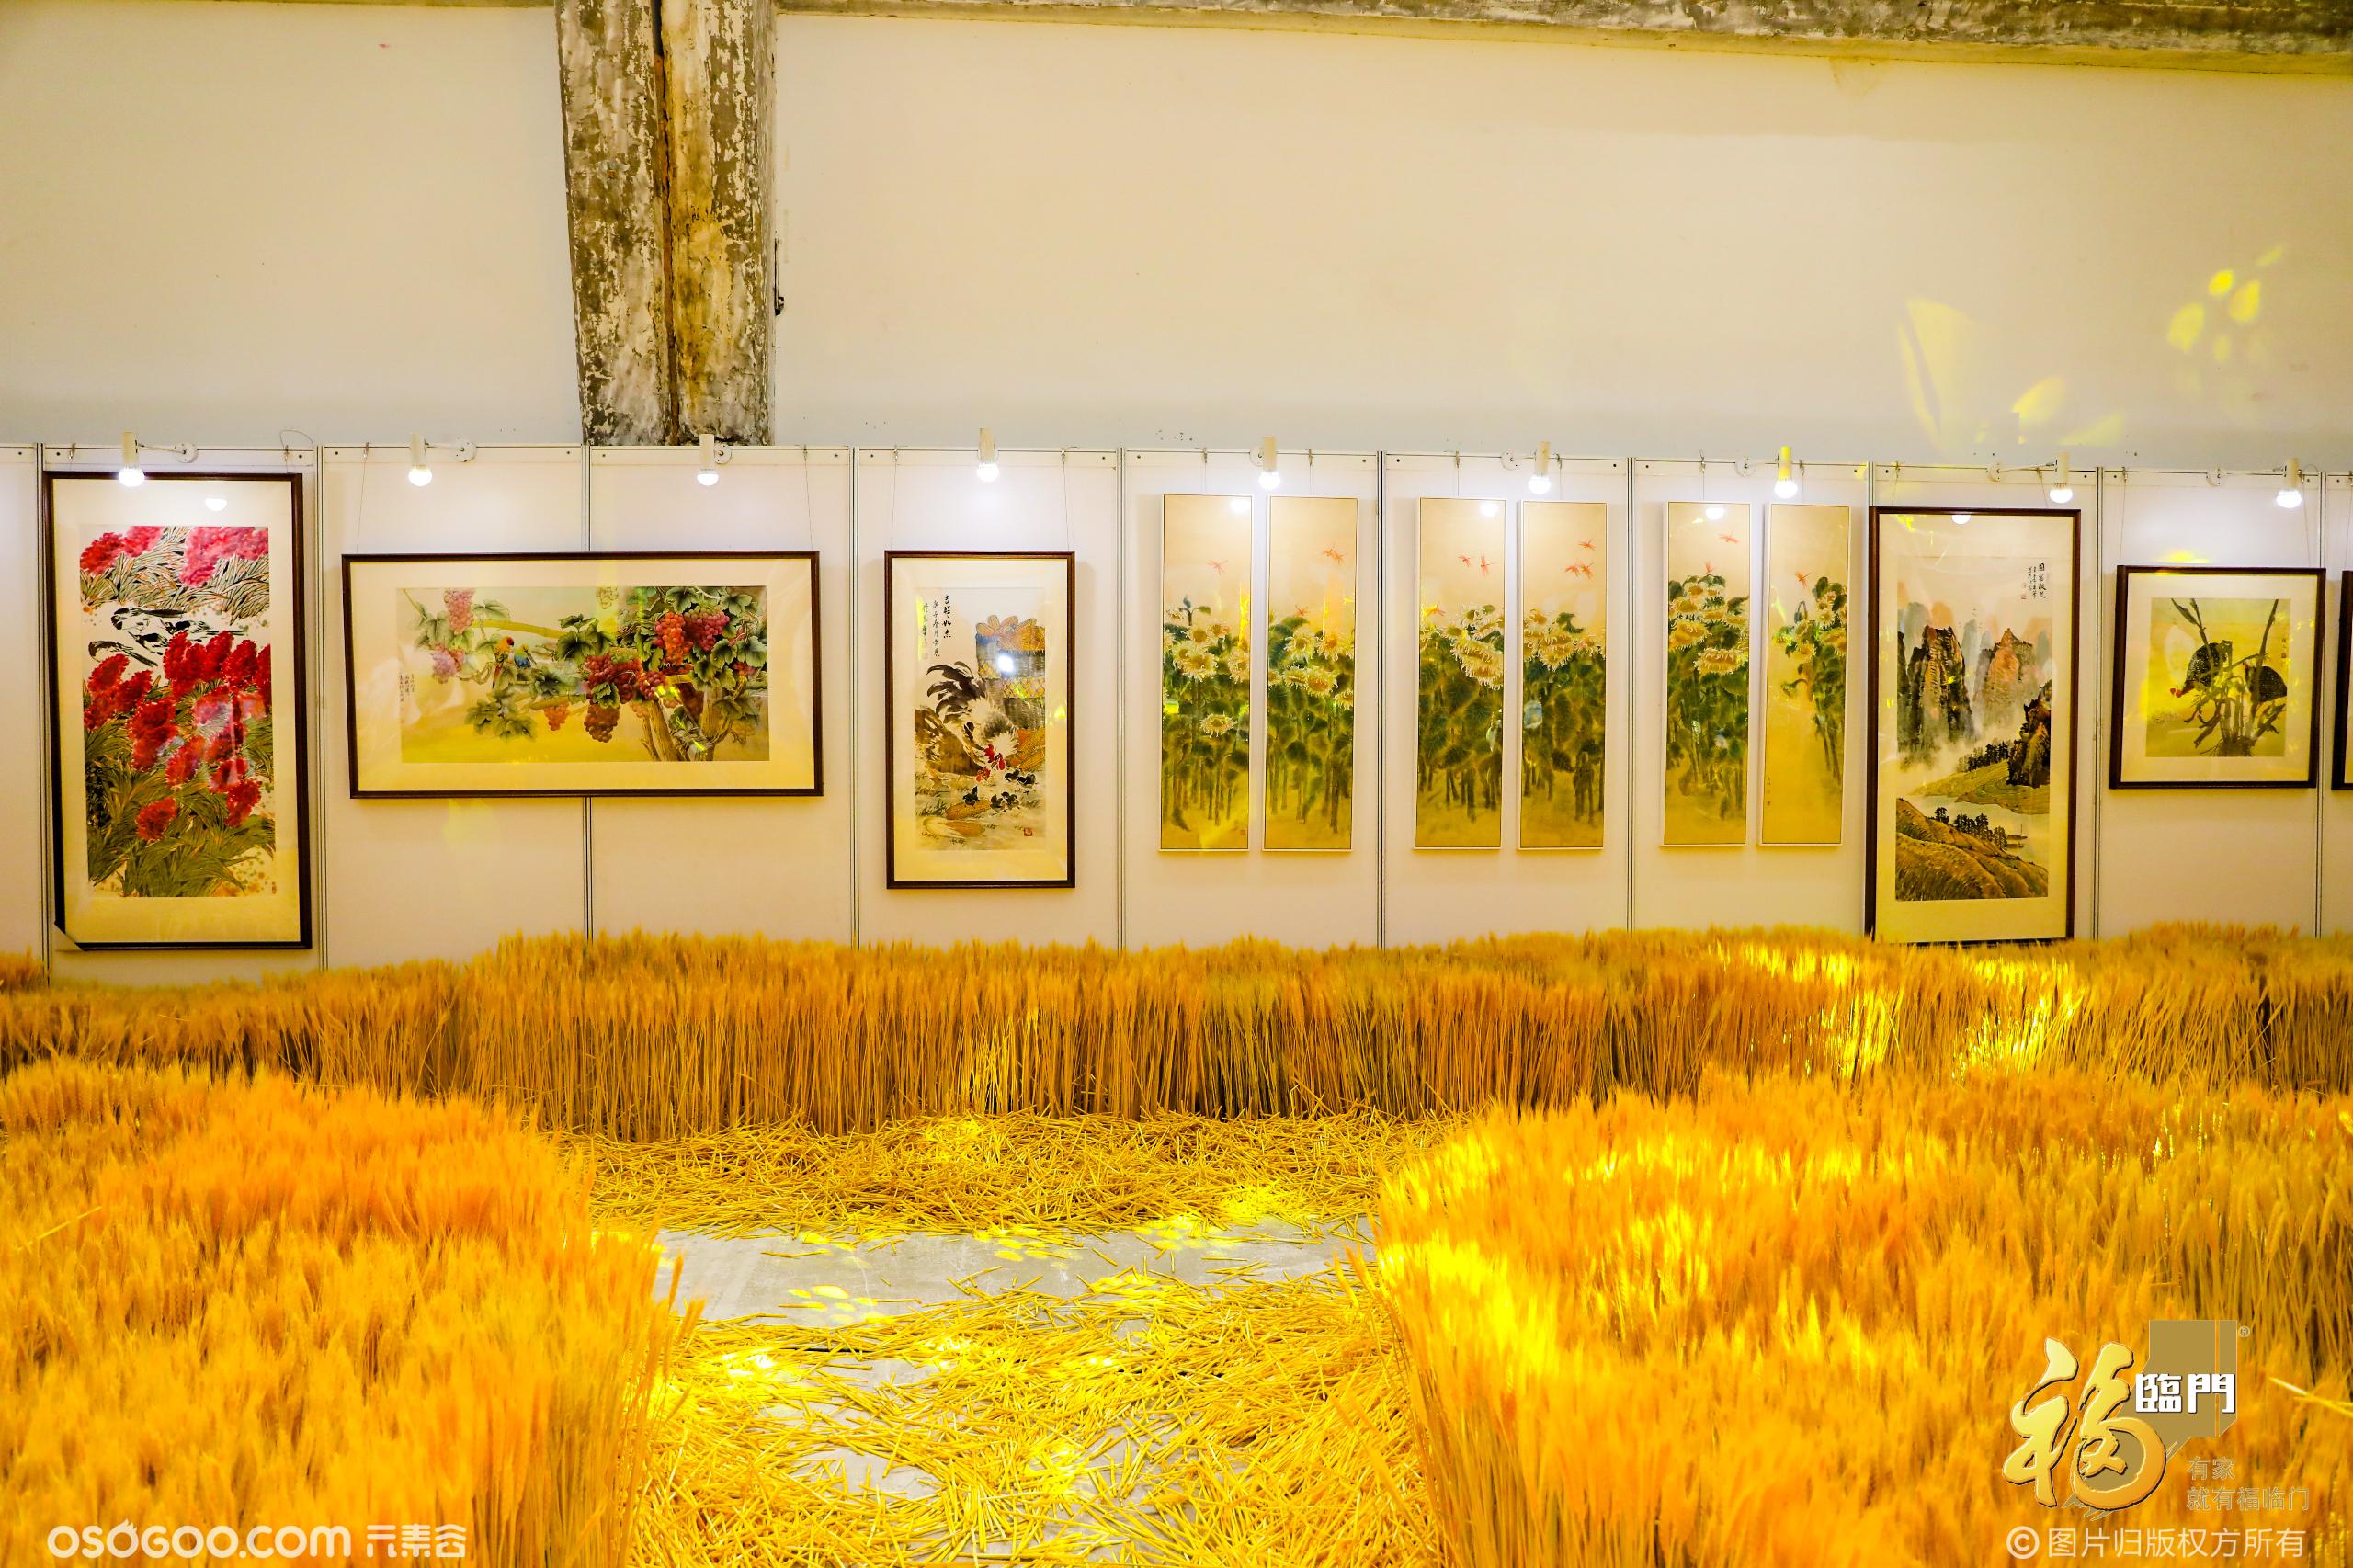 庆丰收,福临门——第三届黄金产地黑土玉米丰收节